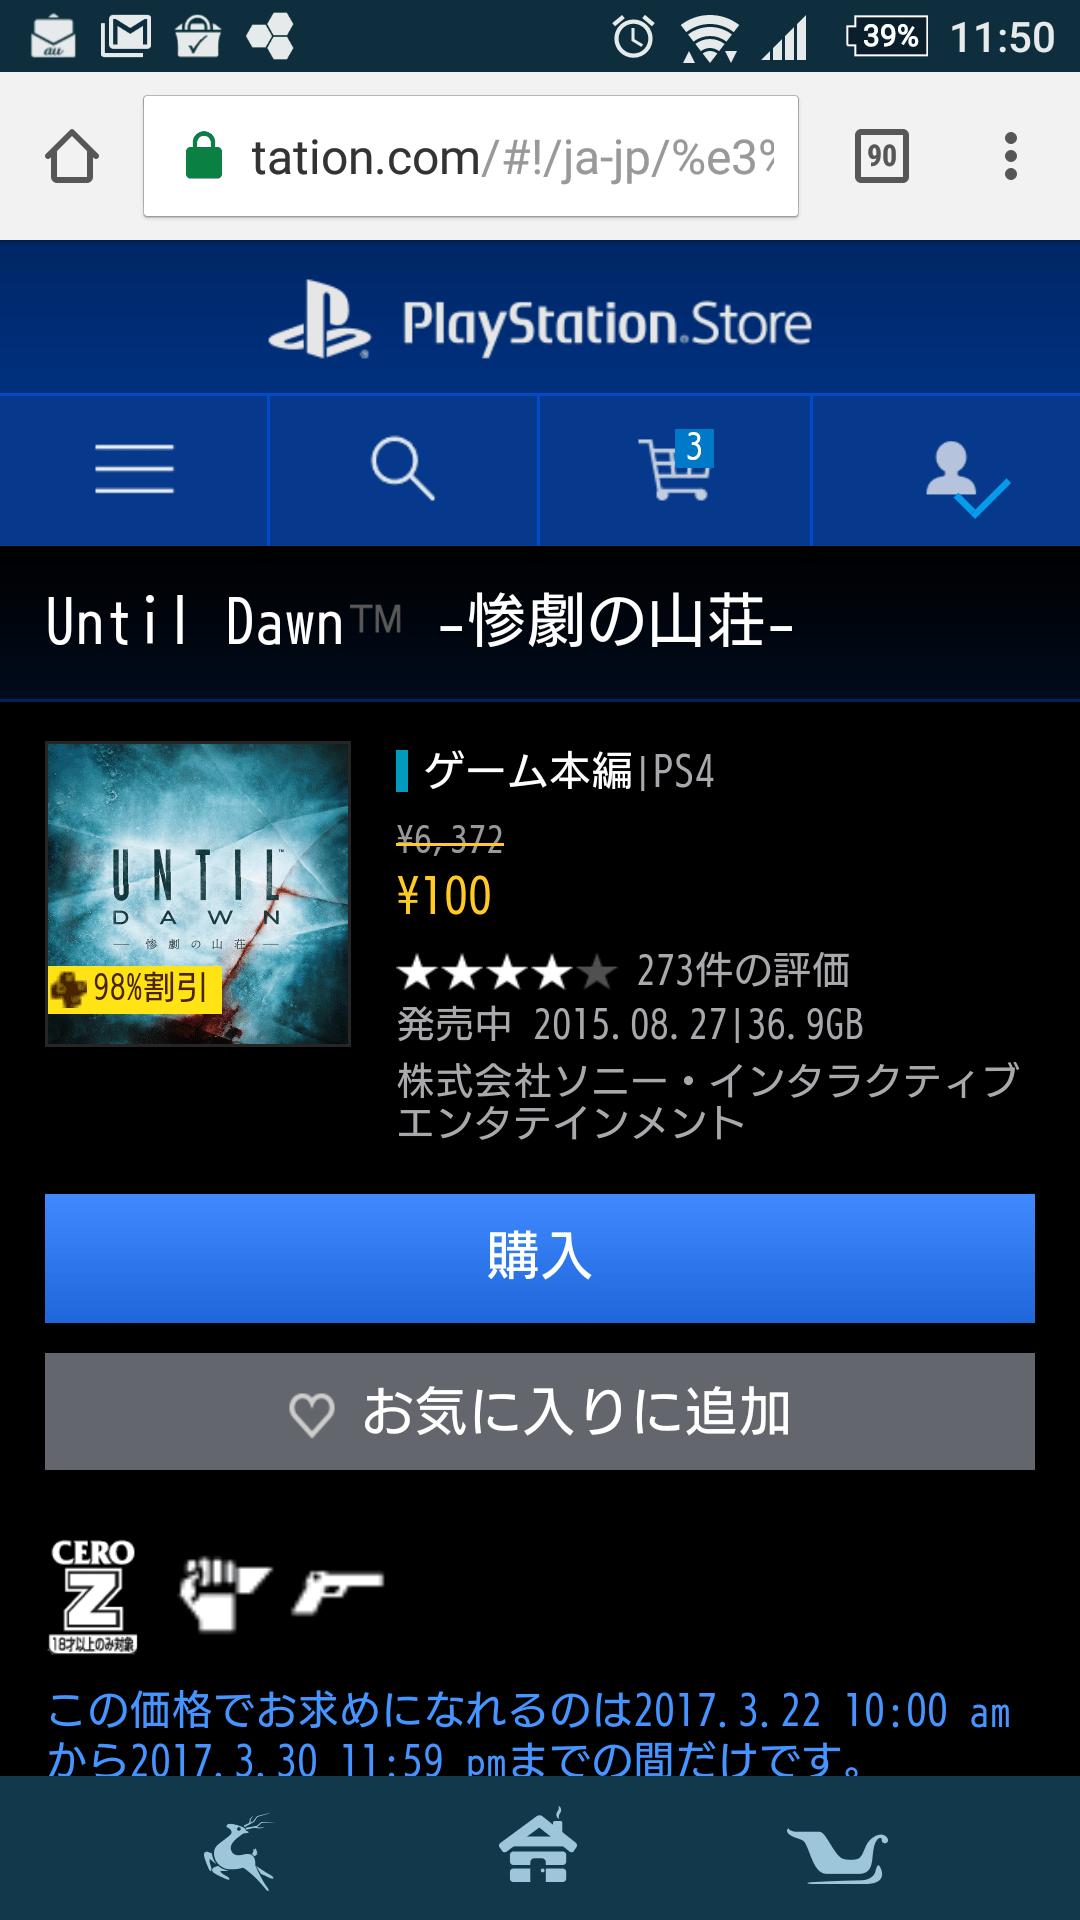 【PS4】アンティルドーンとGOW3が100円で売り出されるwwww定価で買ったやつ涙目